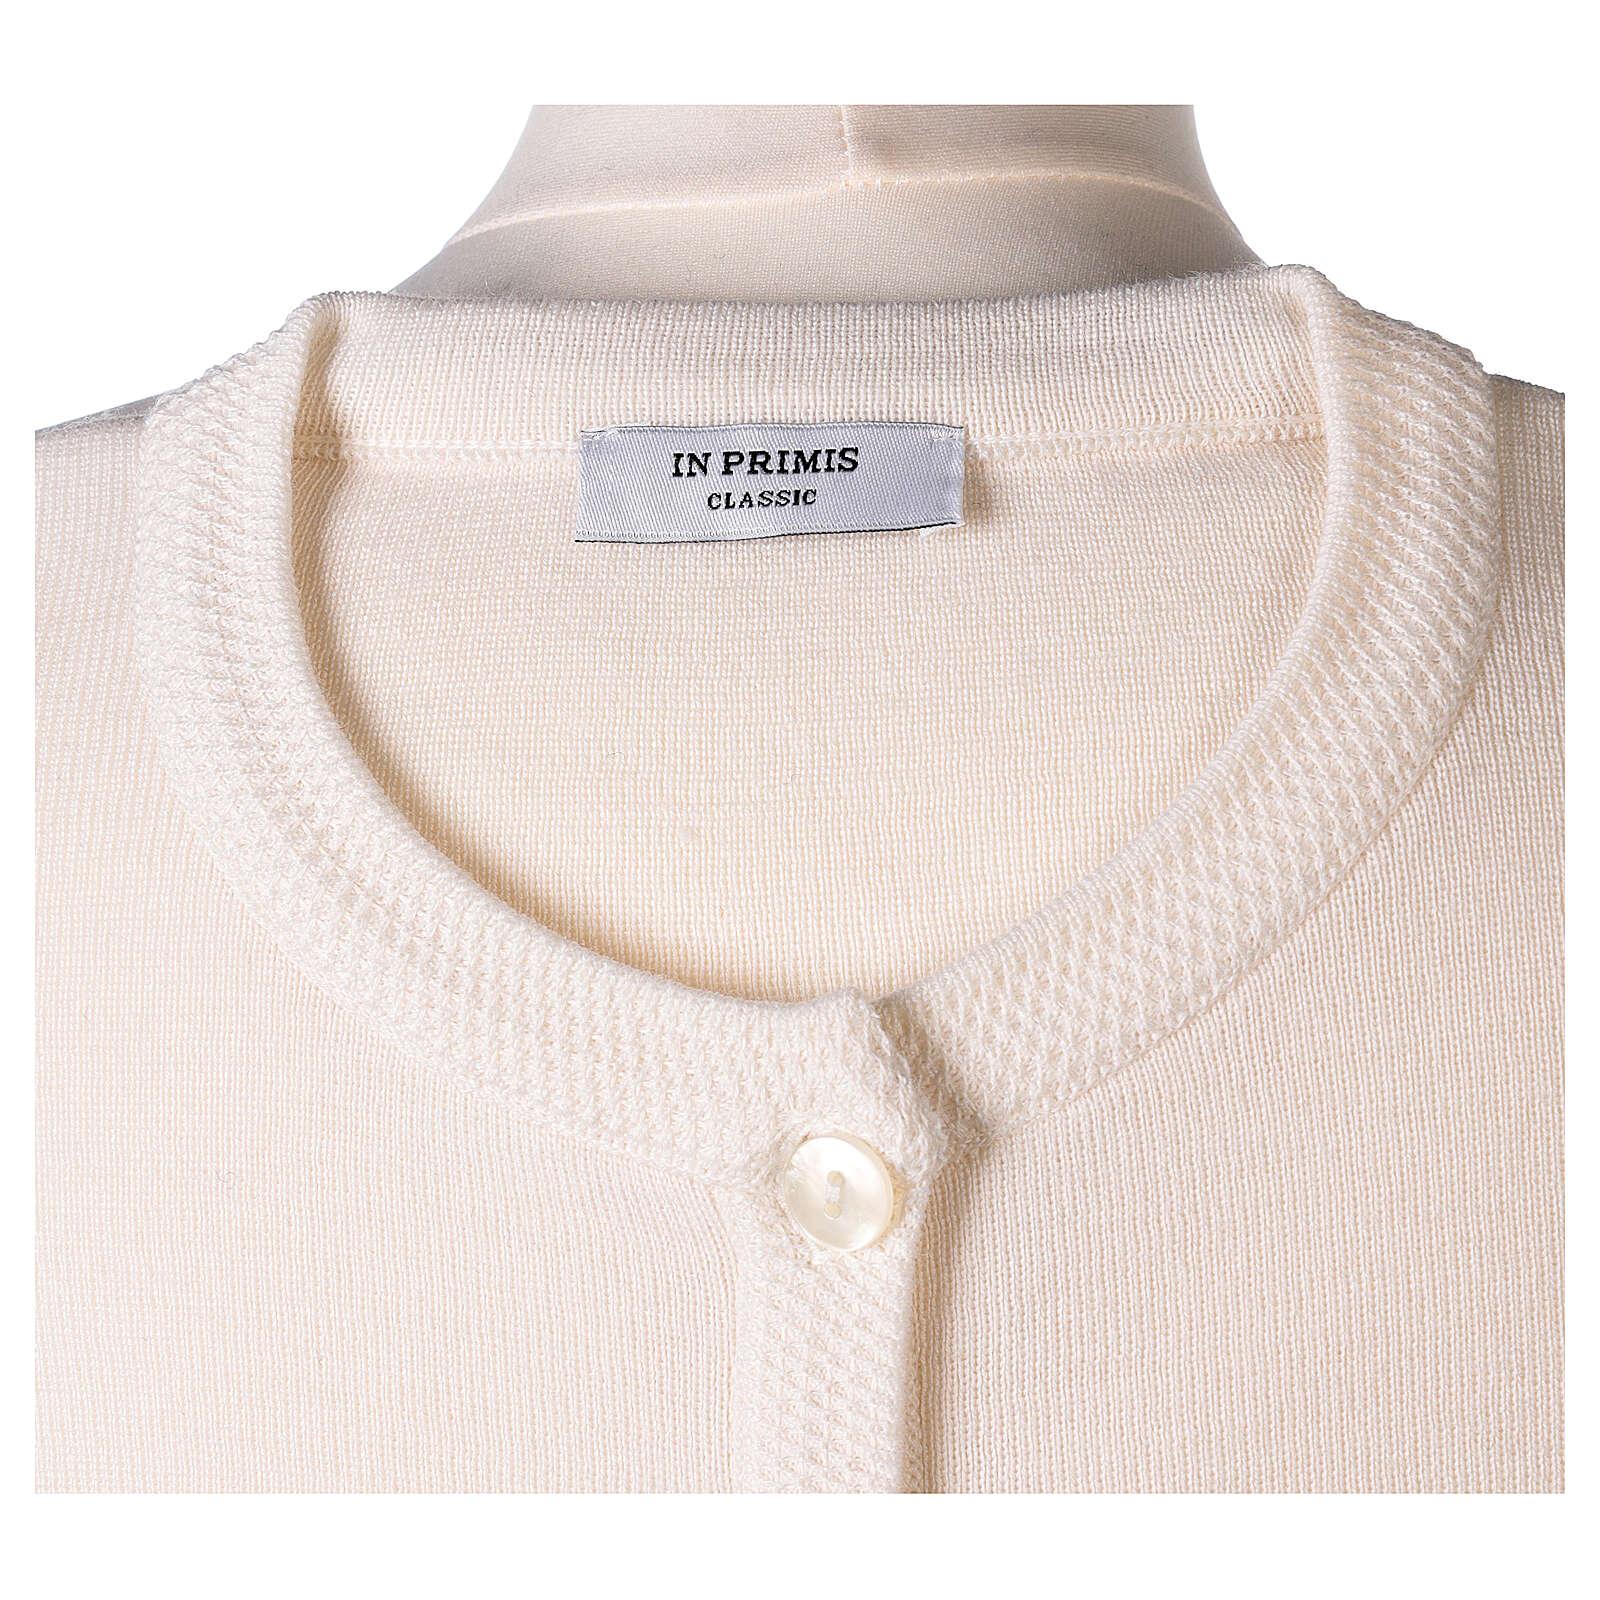 Kardigan siostra zakonna sweter biały kołnierzyk koreański kieszonki dzianina gładka 50% akryl 50% wełna merynos In Primis 4